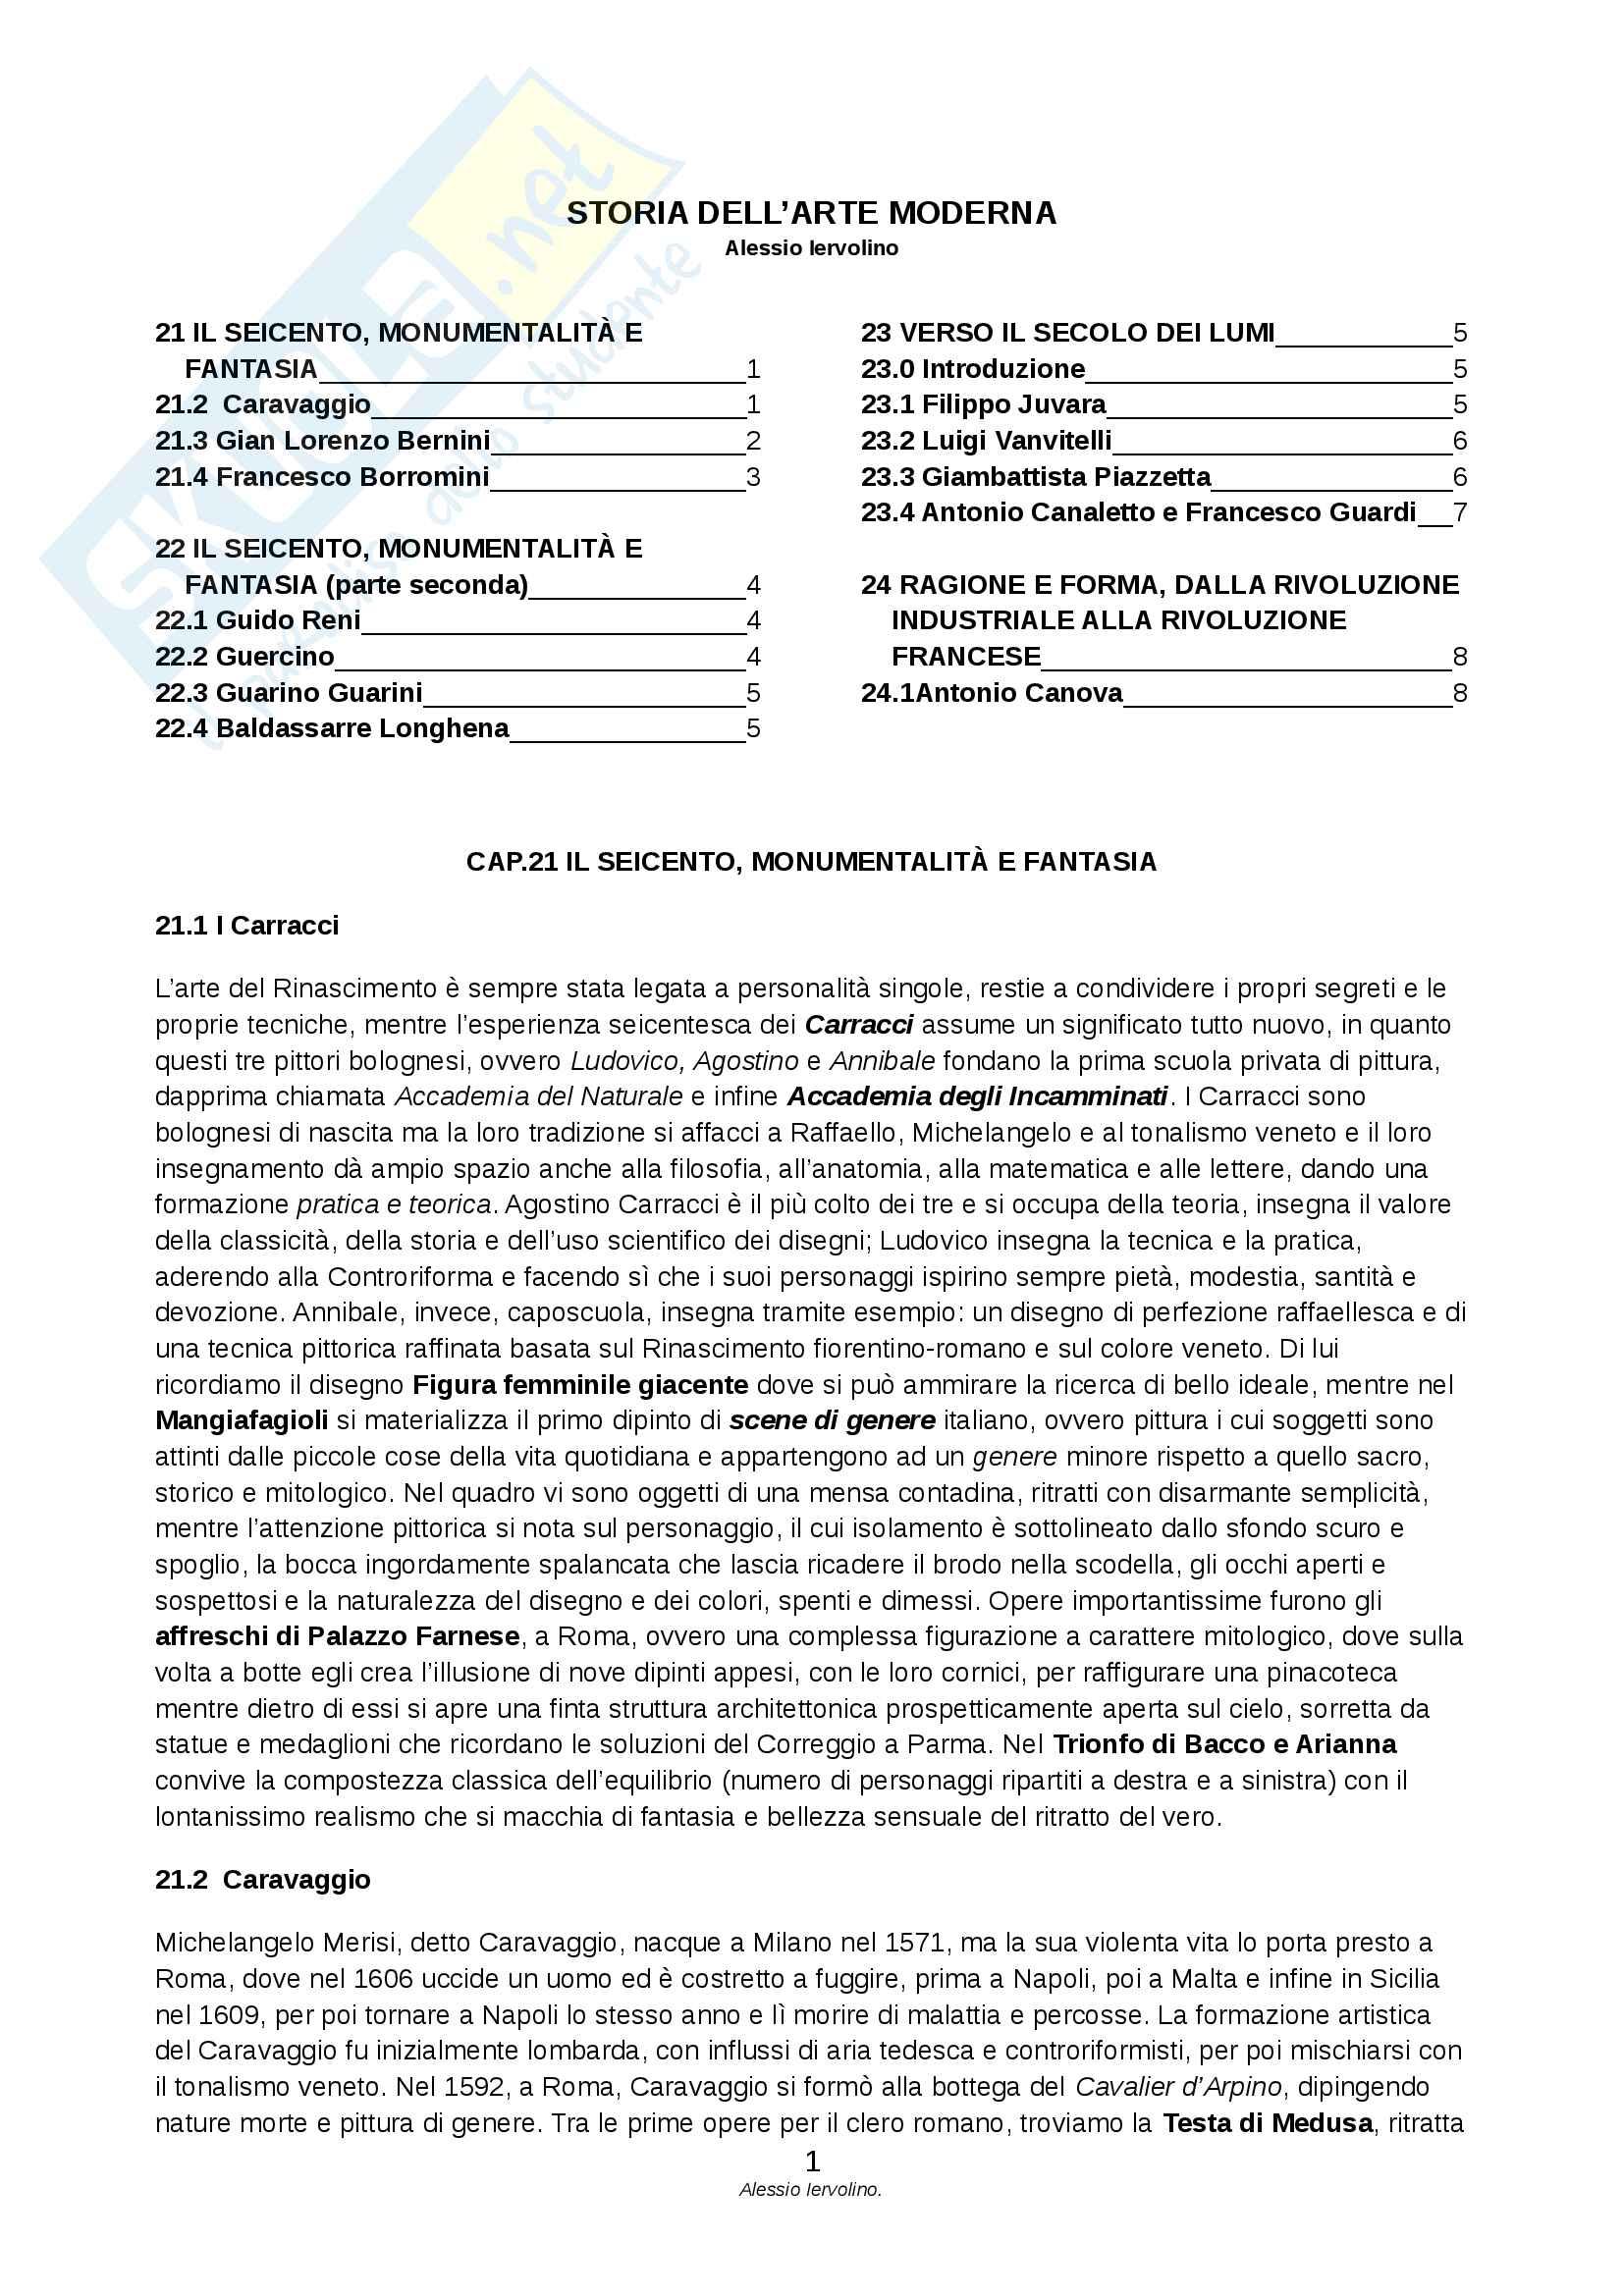 Riassunto esame Storia dell'Arte Moderna, prof. Terzaghi, libro consigliato Itinerario nell'arte Volume 4, Cricco Di Teodoro